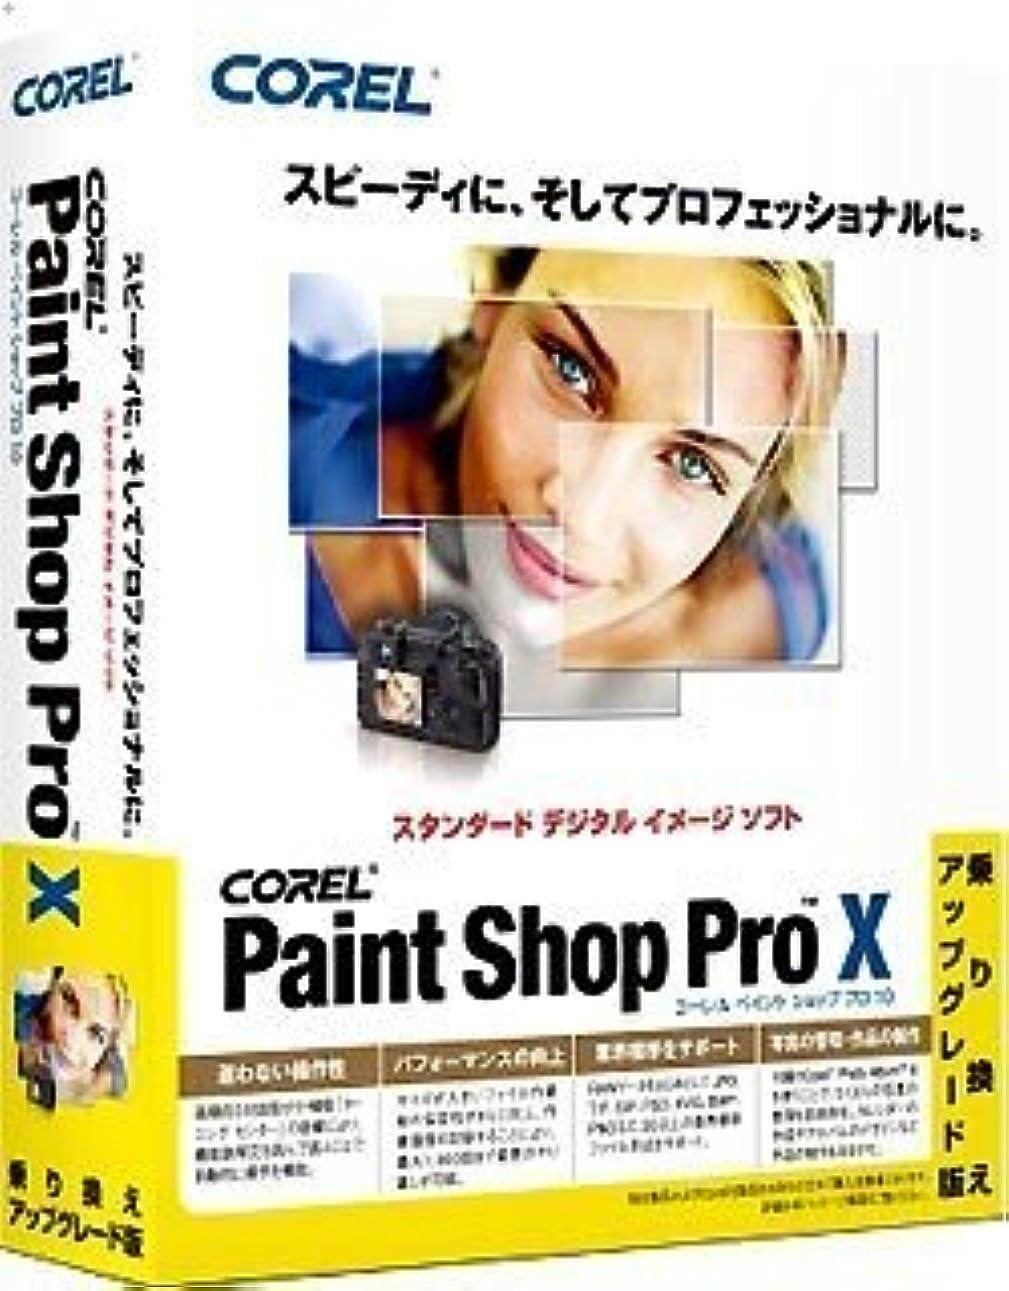 電気メッセンジャー万歳Corel Paint Shop Pro X 乗り換えアップグレード版